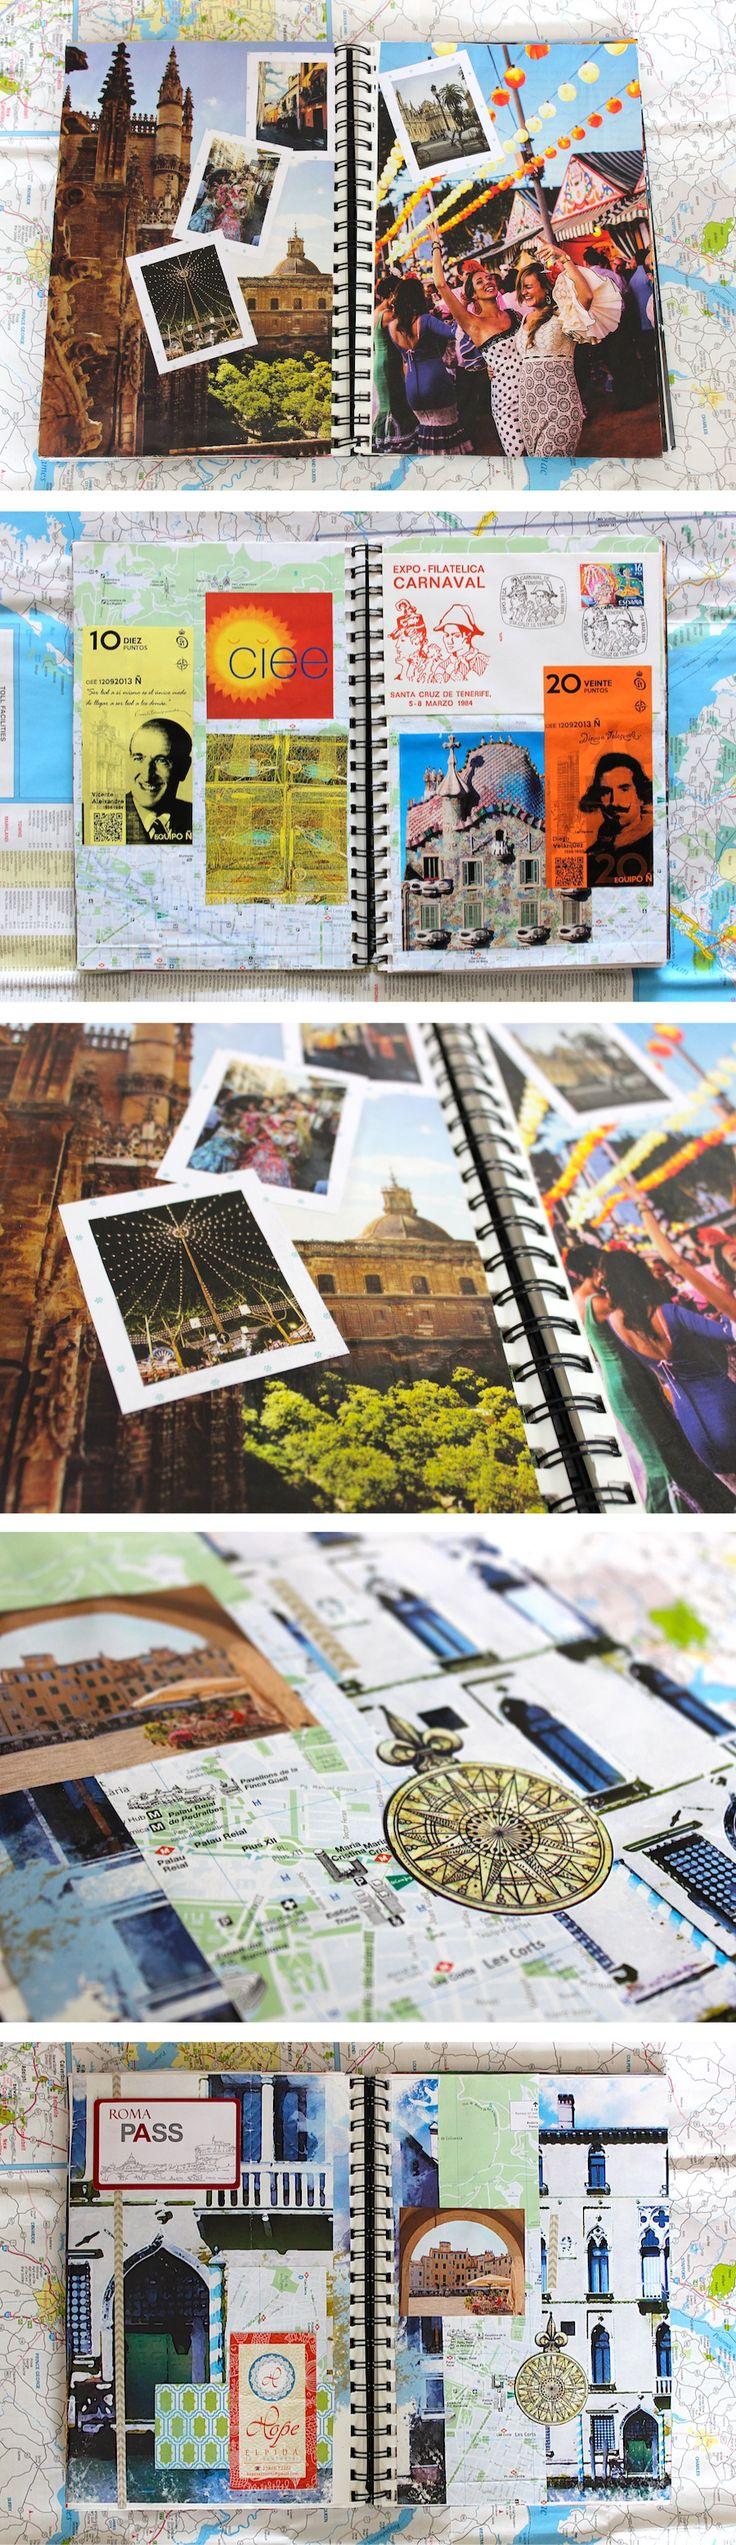 Europe Travel Diary Art